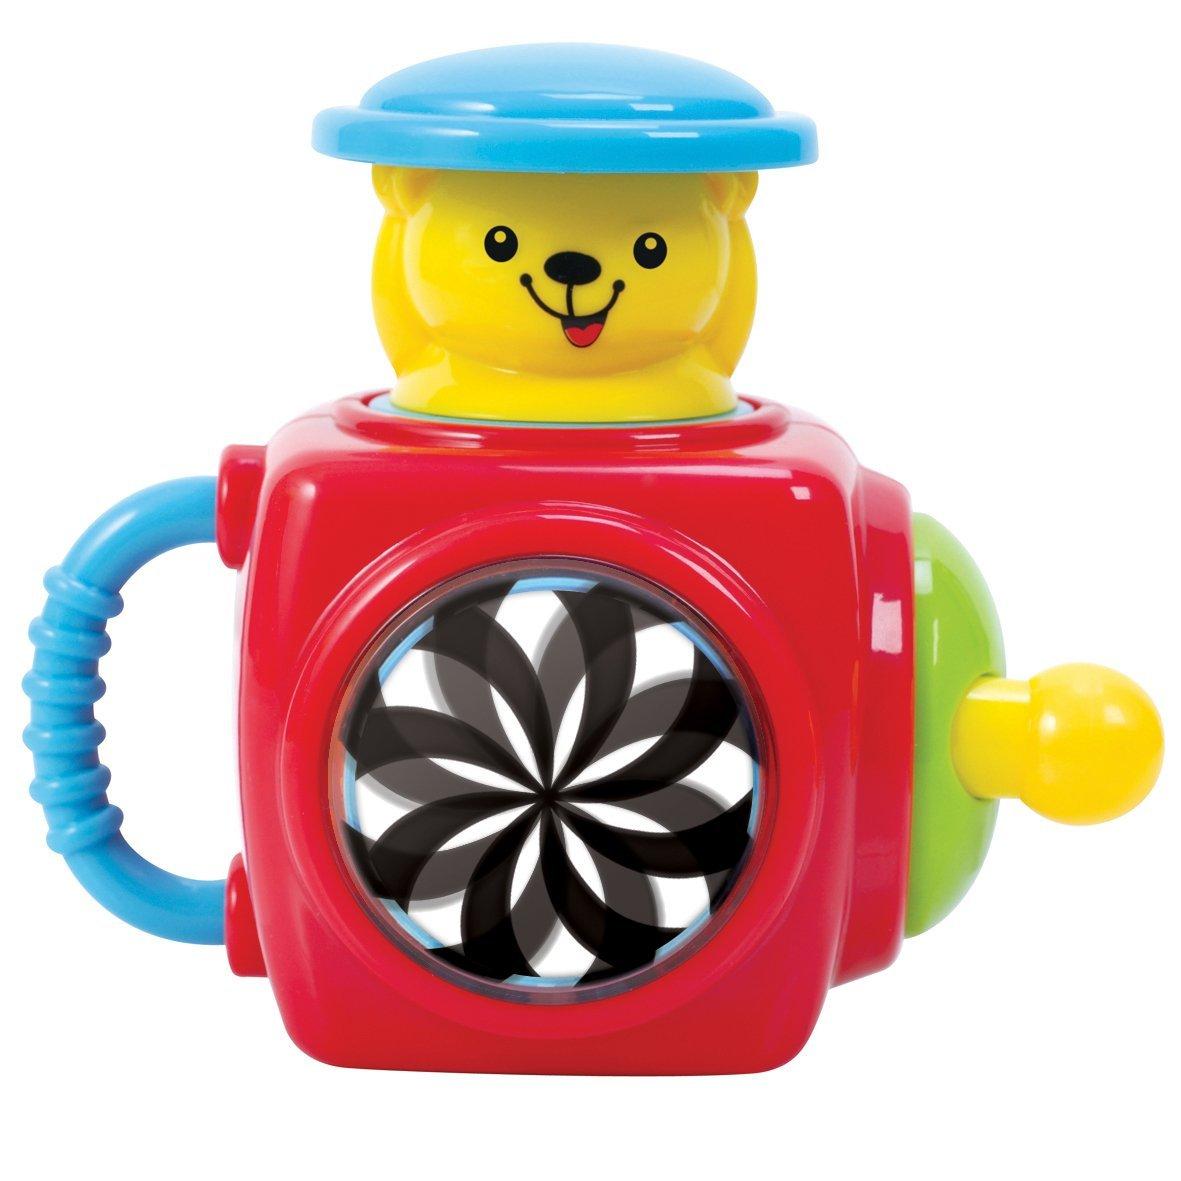 Музыкальная шкатулка с мишкойРазвивающие игрушки PlayGo<br>Музыкальная шкатулка с мишкой<br>